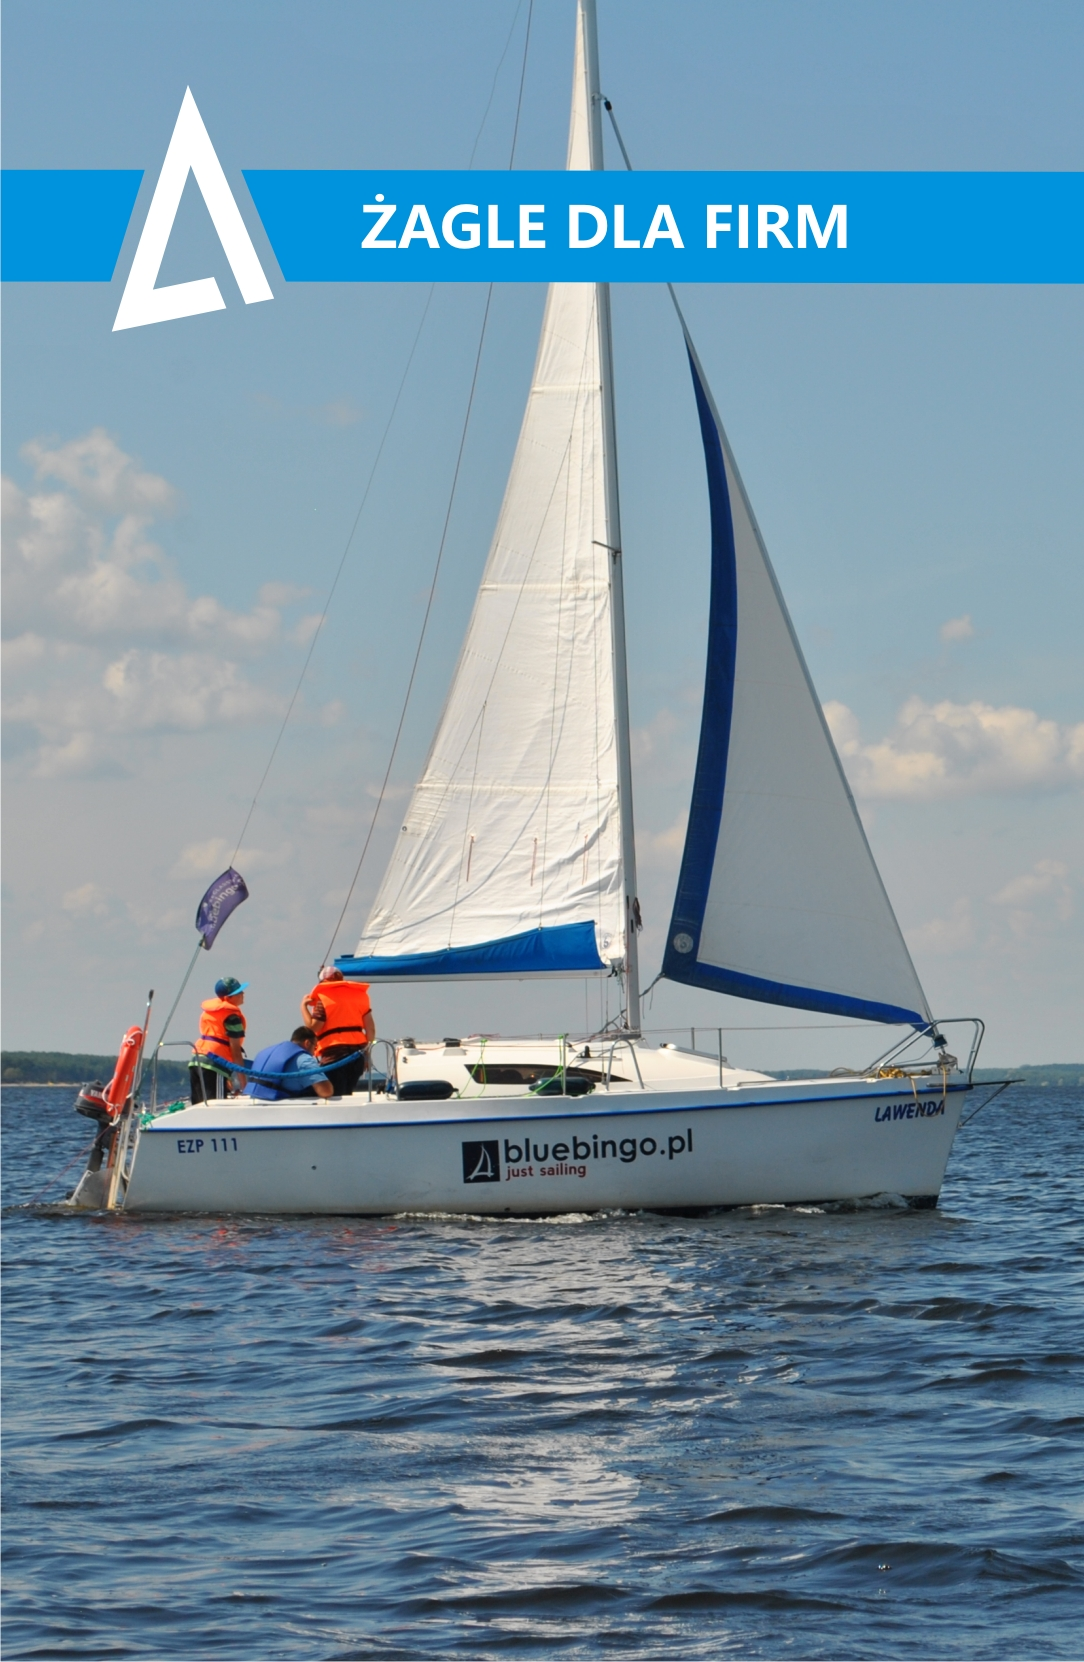 regaty firmowe, rejsy firmowe, szkolenia żeglarskie dla firm nad Zalewem Sulejowskim